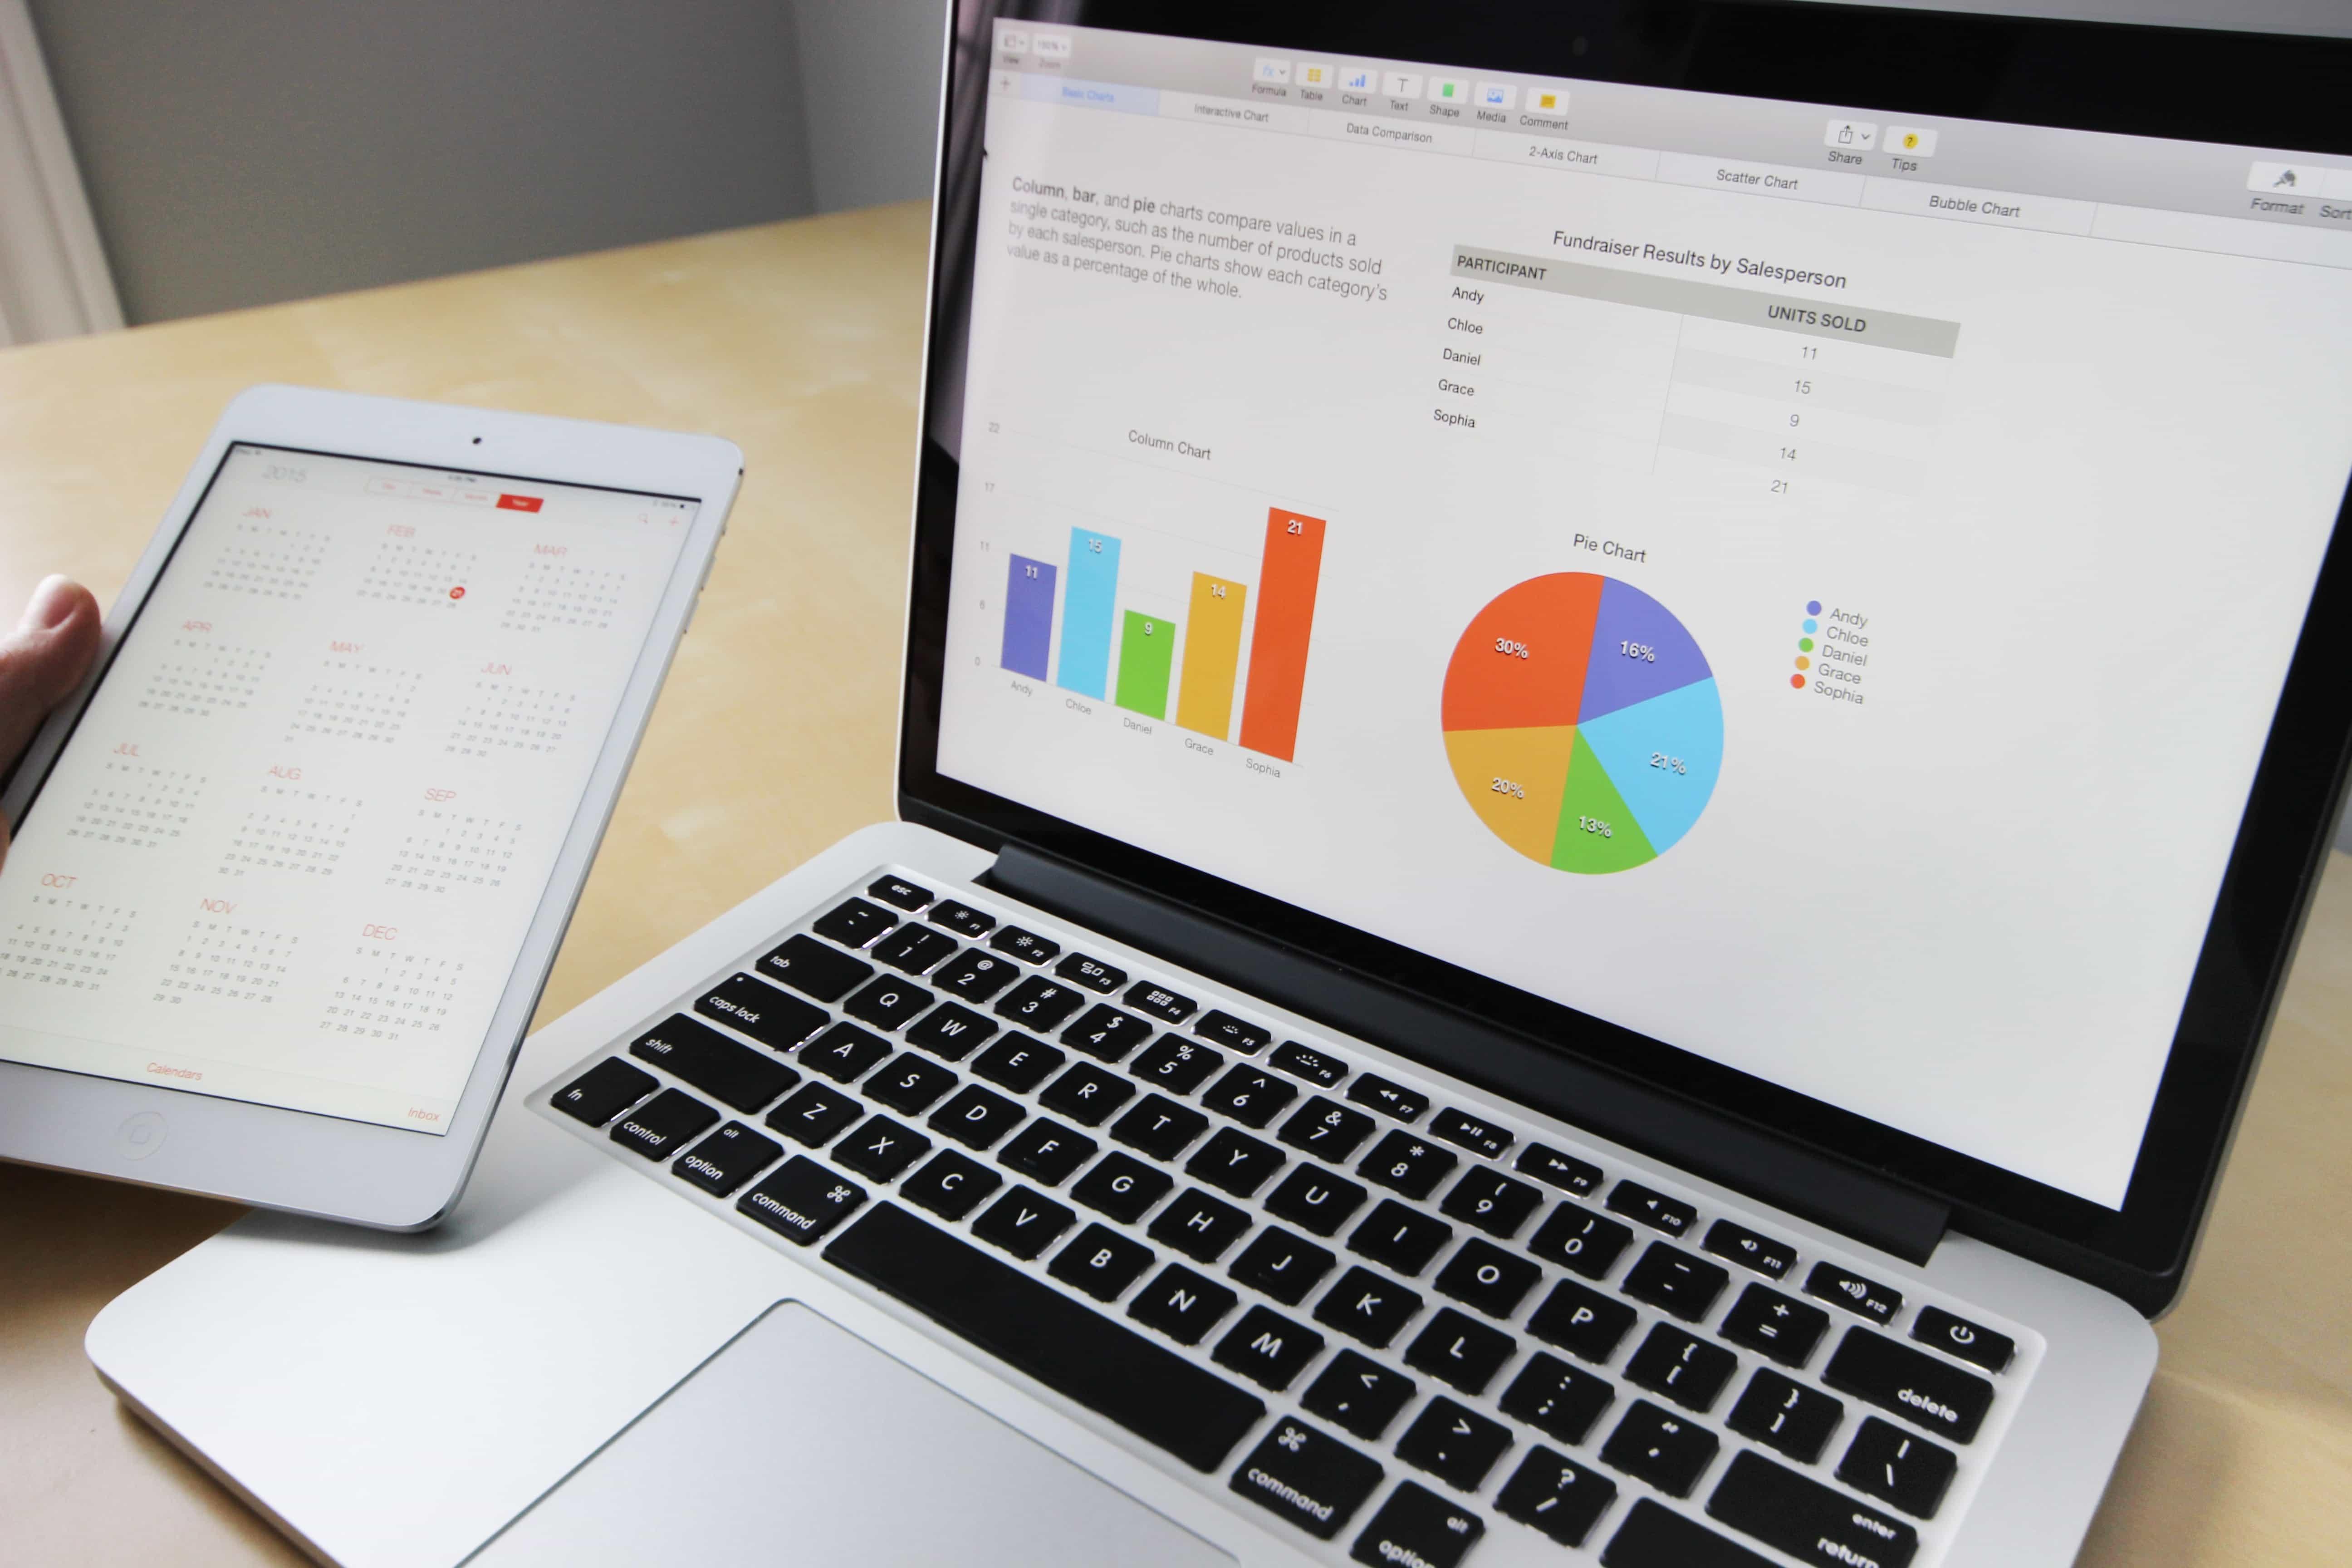 Connaître vos sources d'acquisition grâce à votre agence webmarketing Rouen